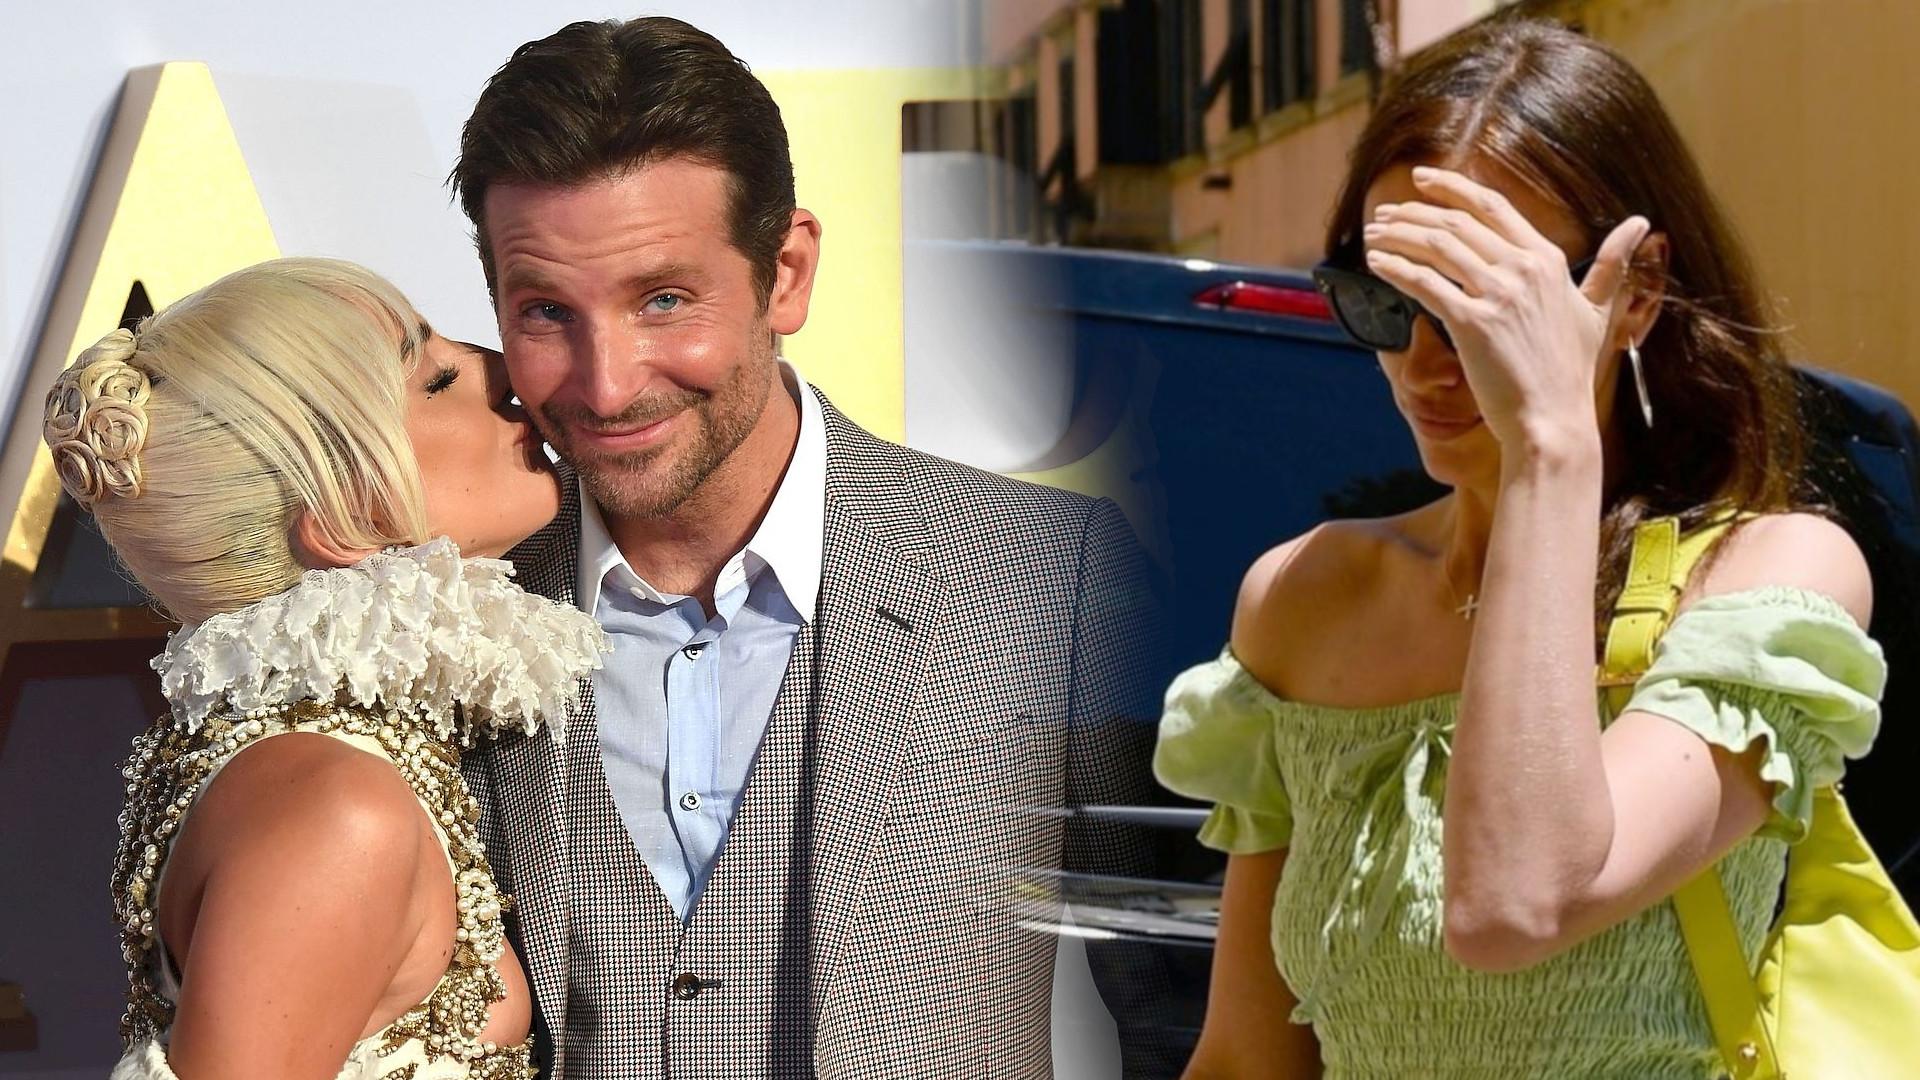 Lady Gaga NAPRAWDĘ jest w ciąży z Bradleyem Cooperem? Informator zdradza nowe szczegóły